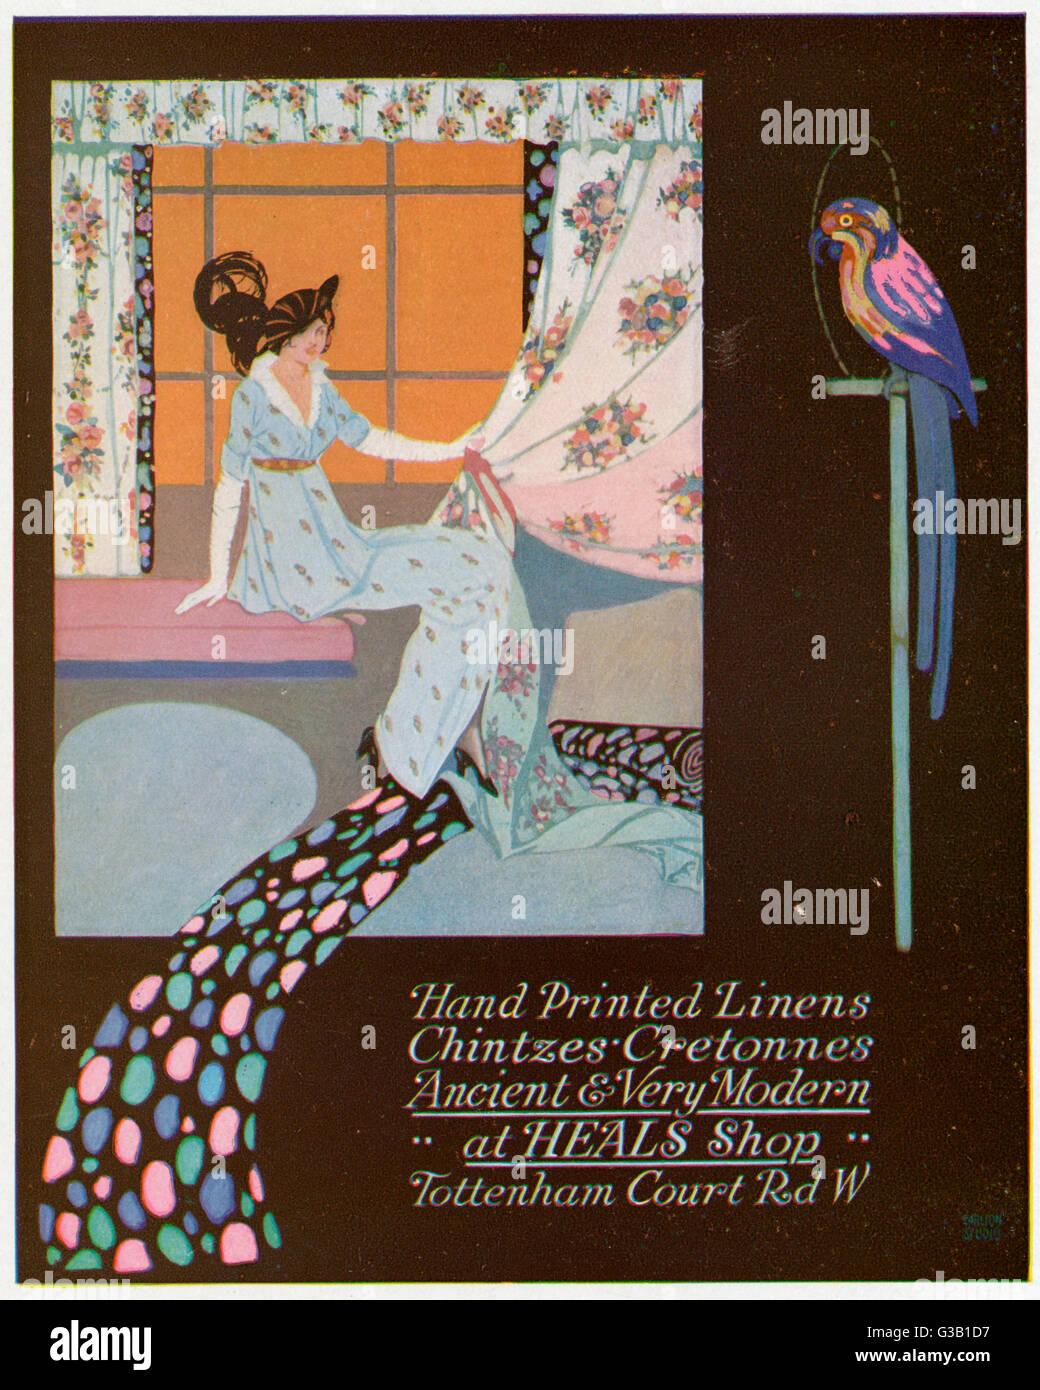 Guarire la mano-biancheria stampata, chintzes e cretonnes data: 1914 Immagini Stock